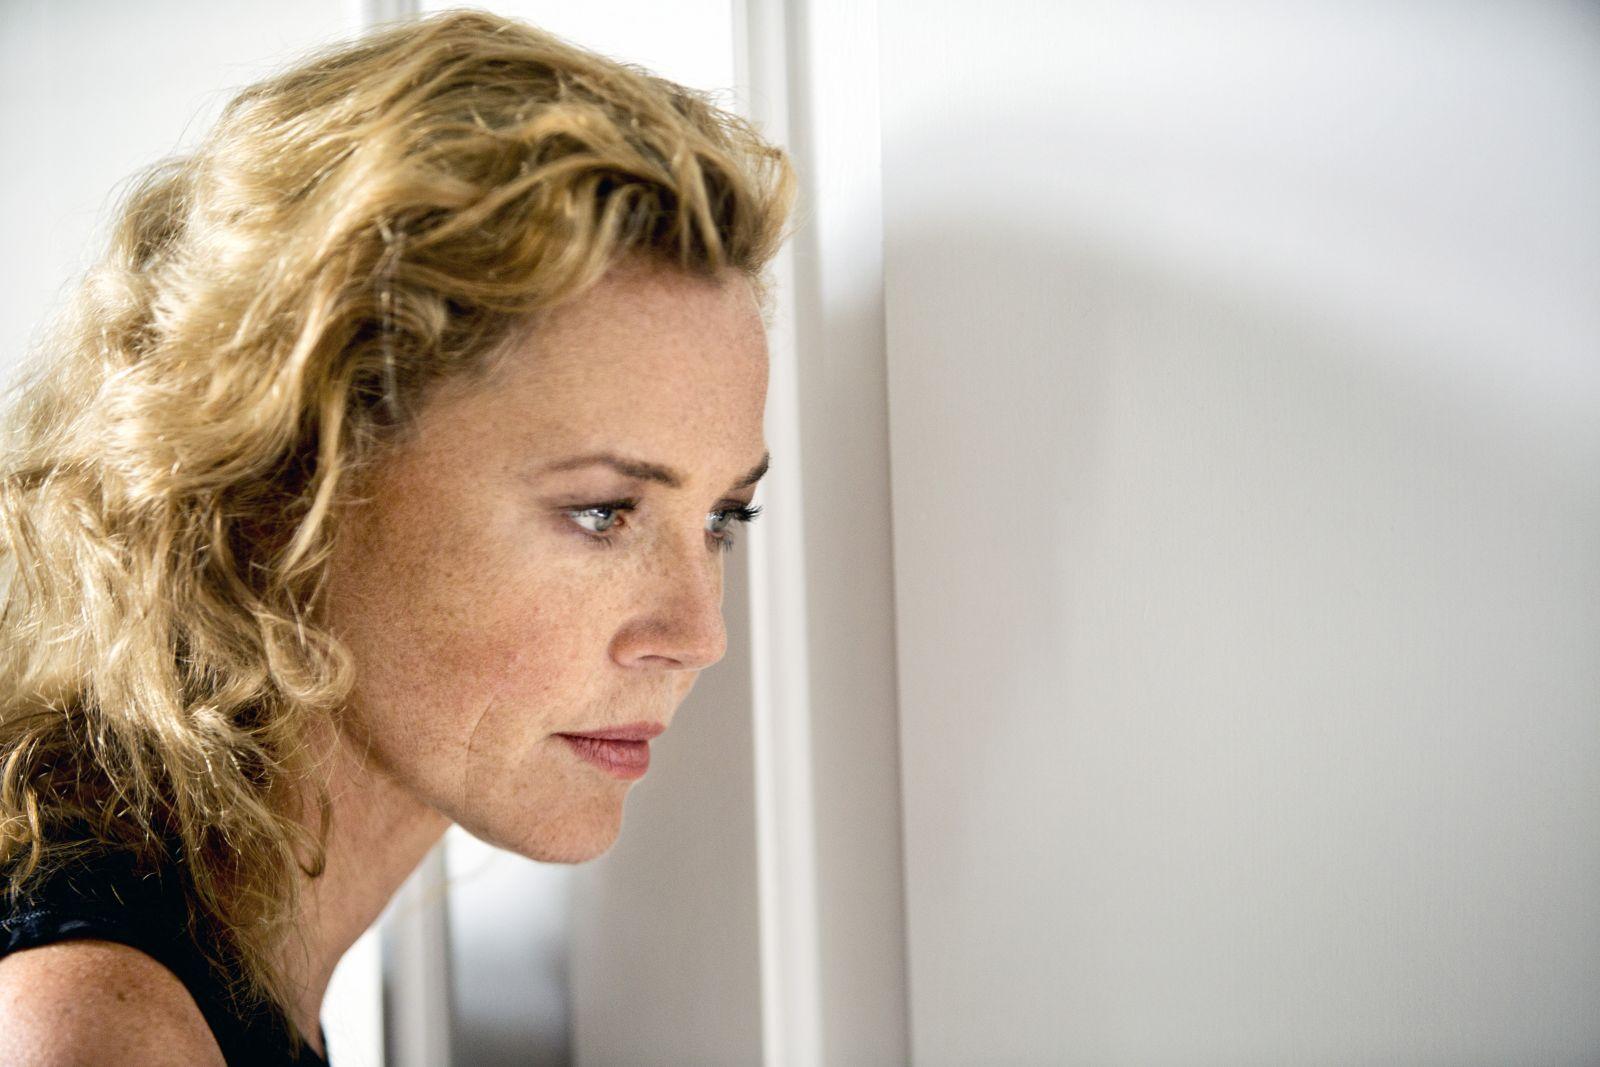 Le confessioni: un bel primo piano di Connie Nielsen